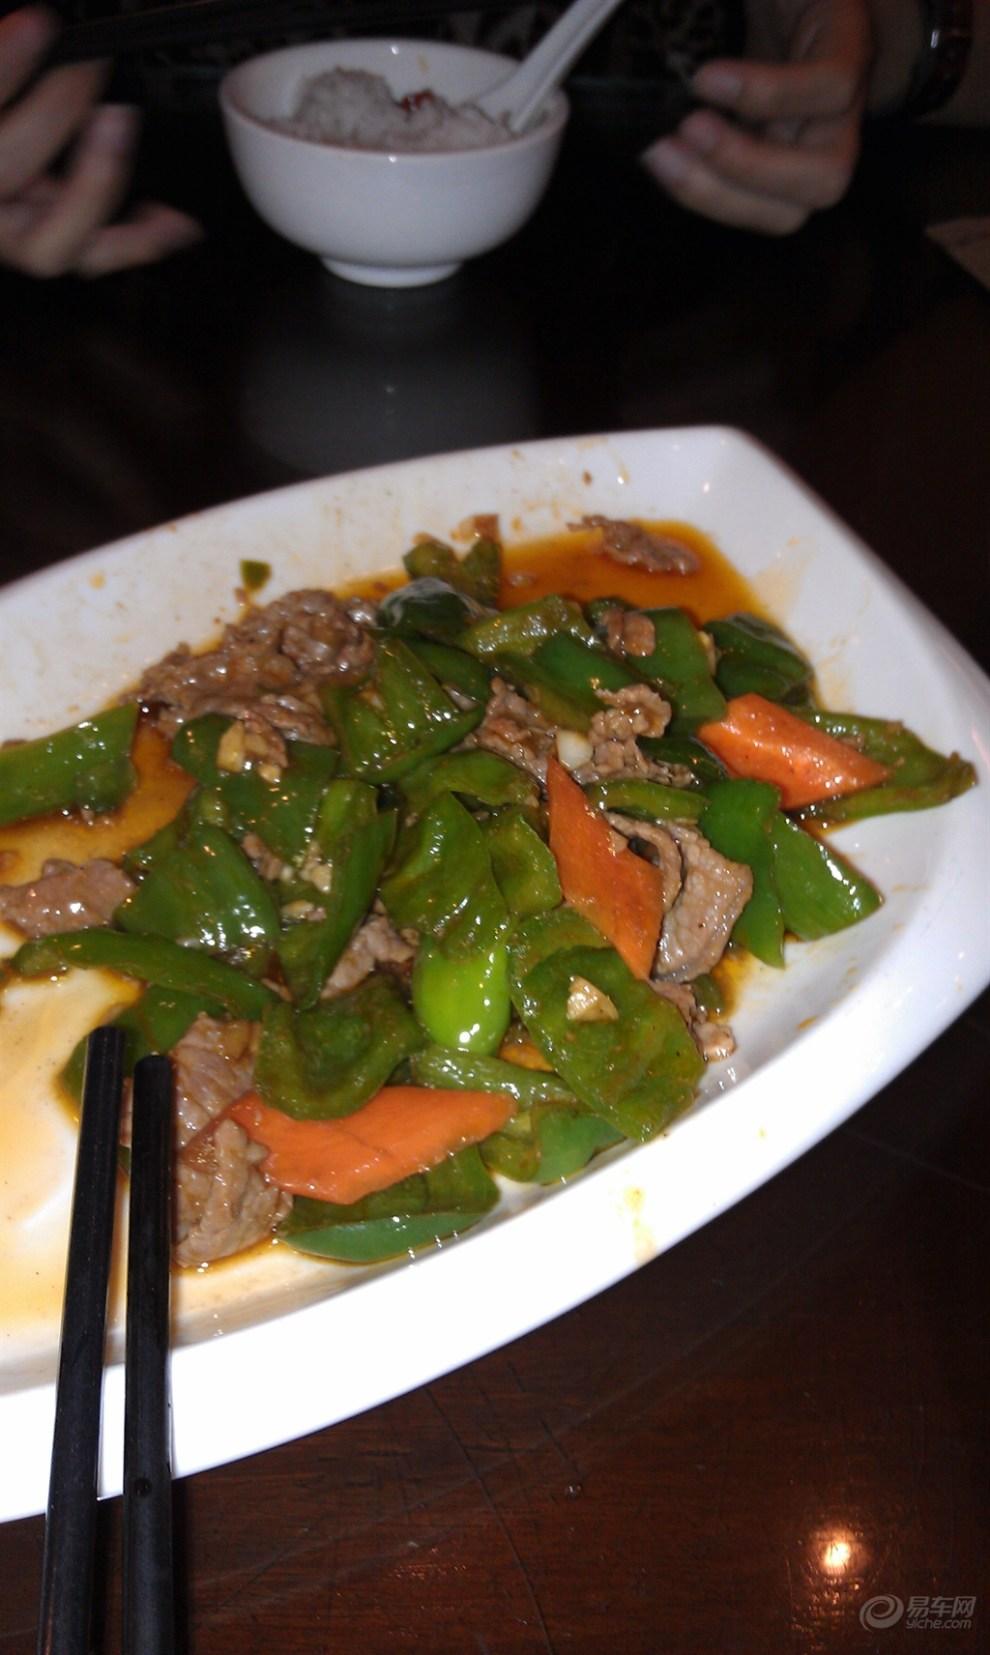 【和美味共享过的浑南小吃老婆】_四川美食图论坛云南万达v美味图片